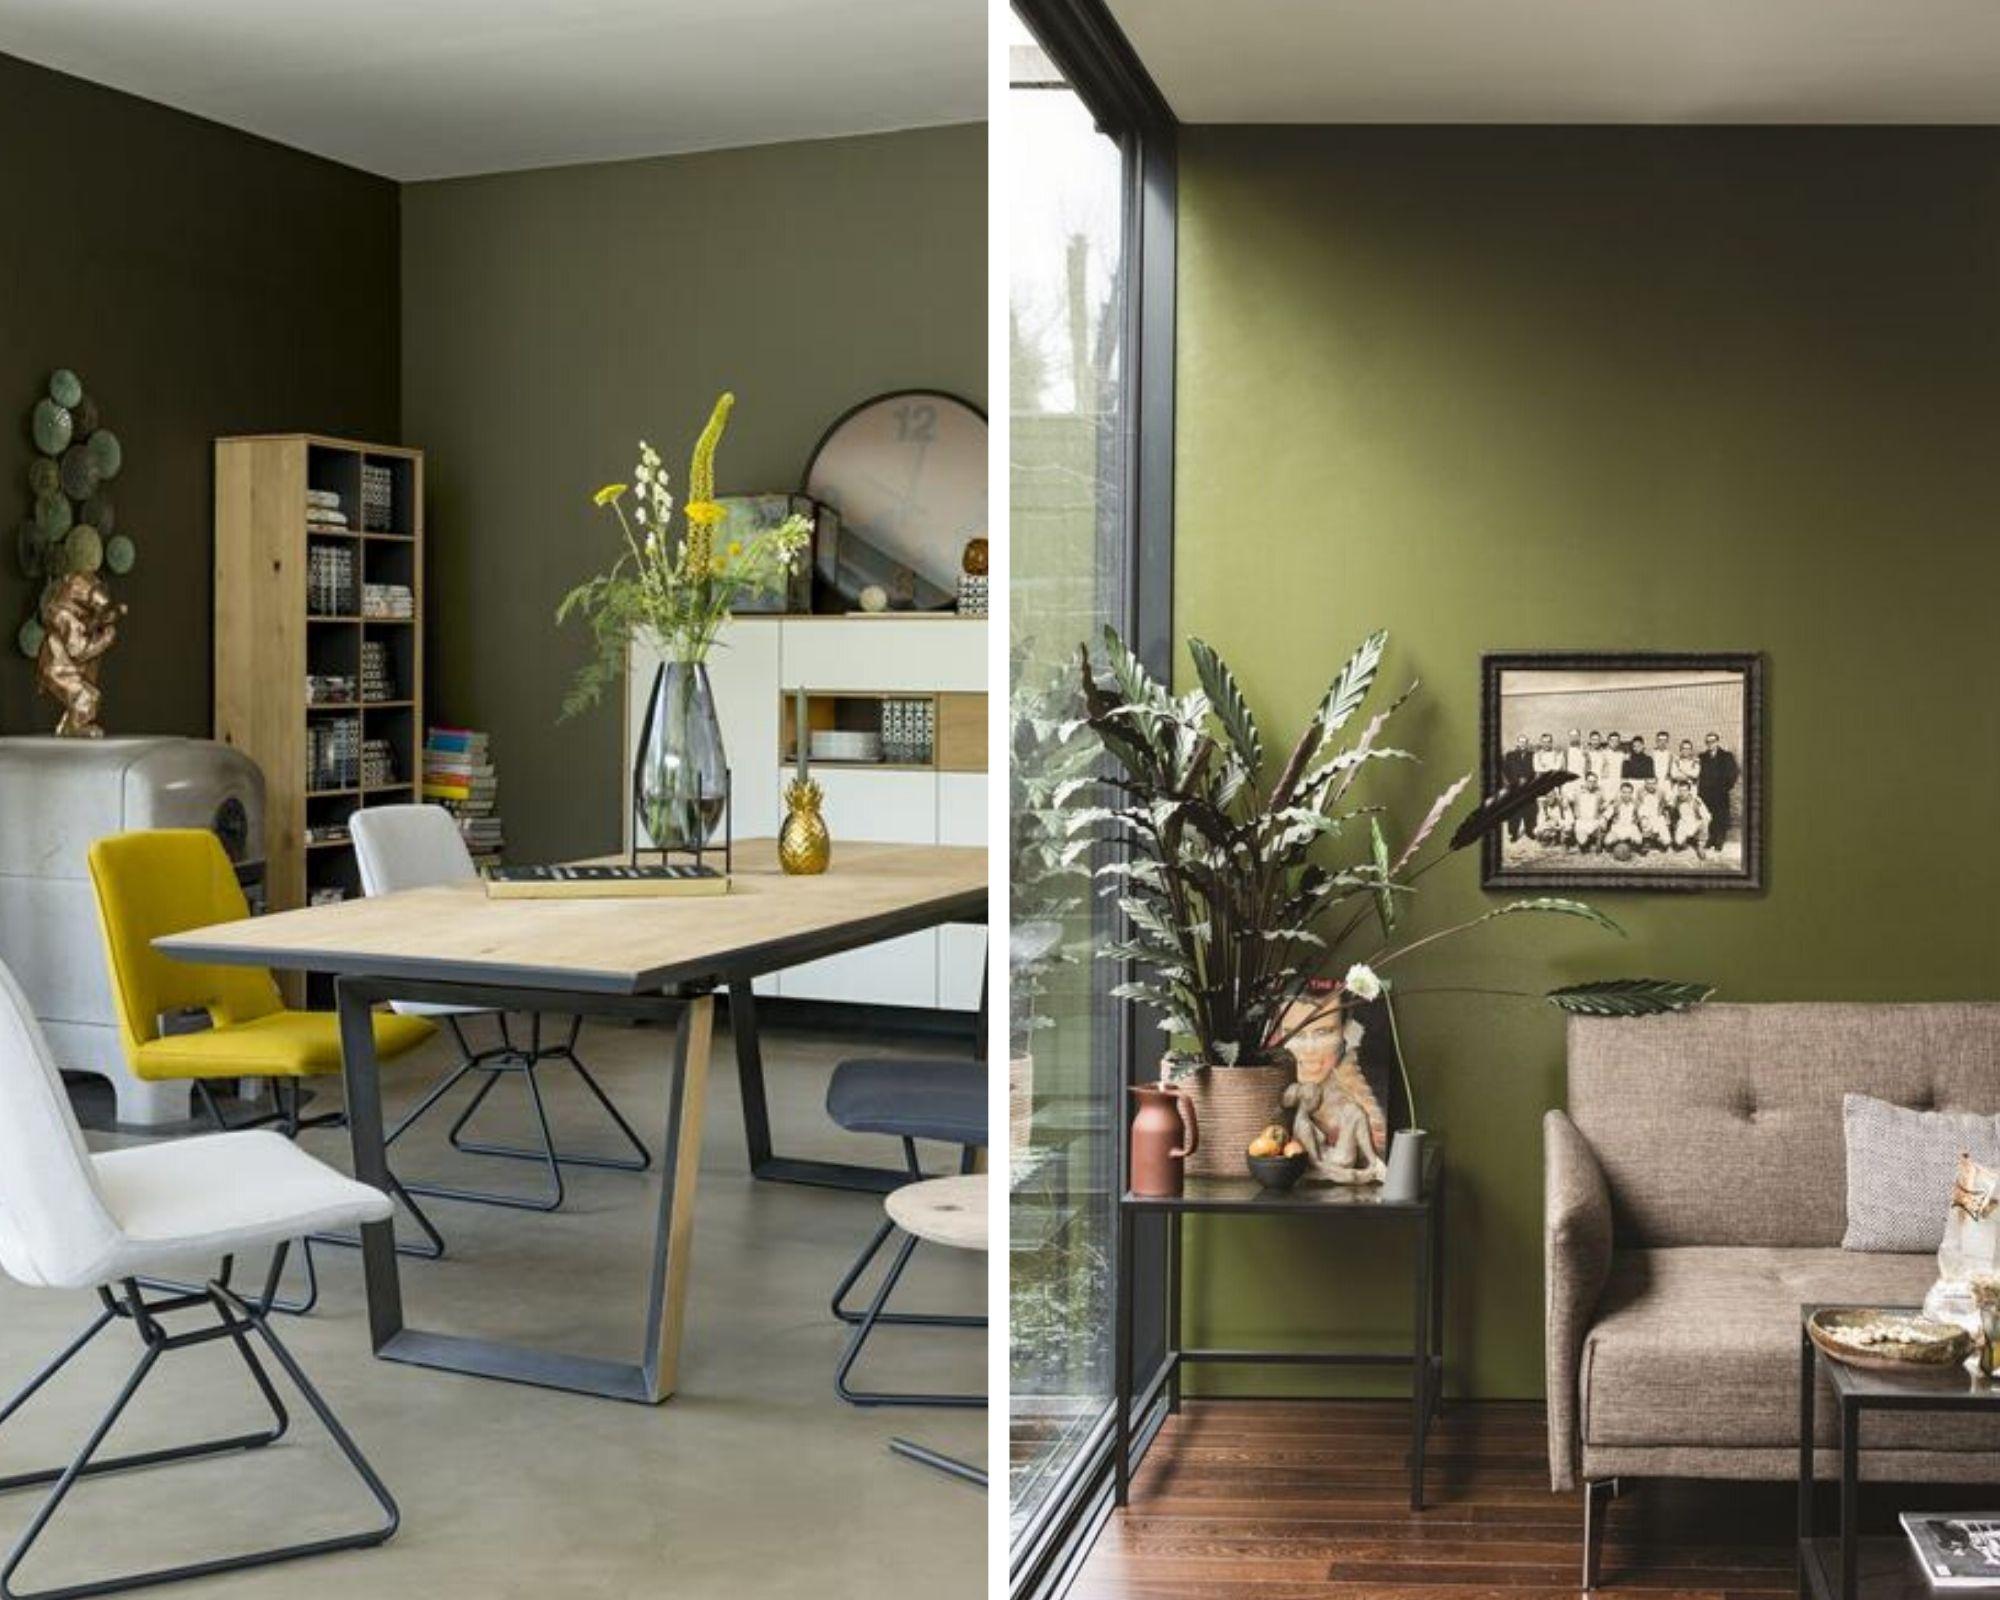 ambiance intérieure scandinave vert olive et jaune